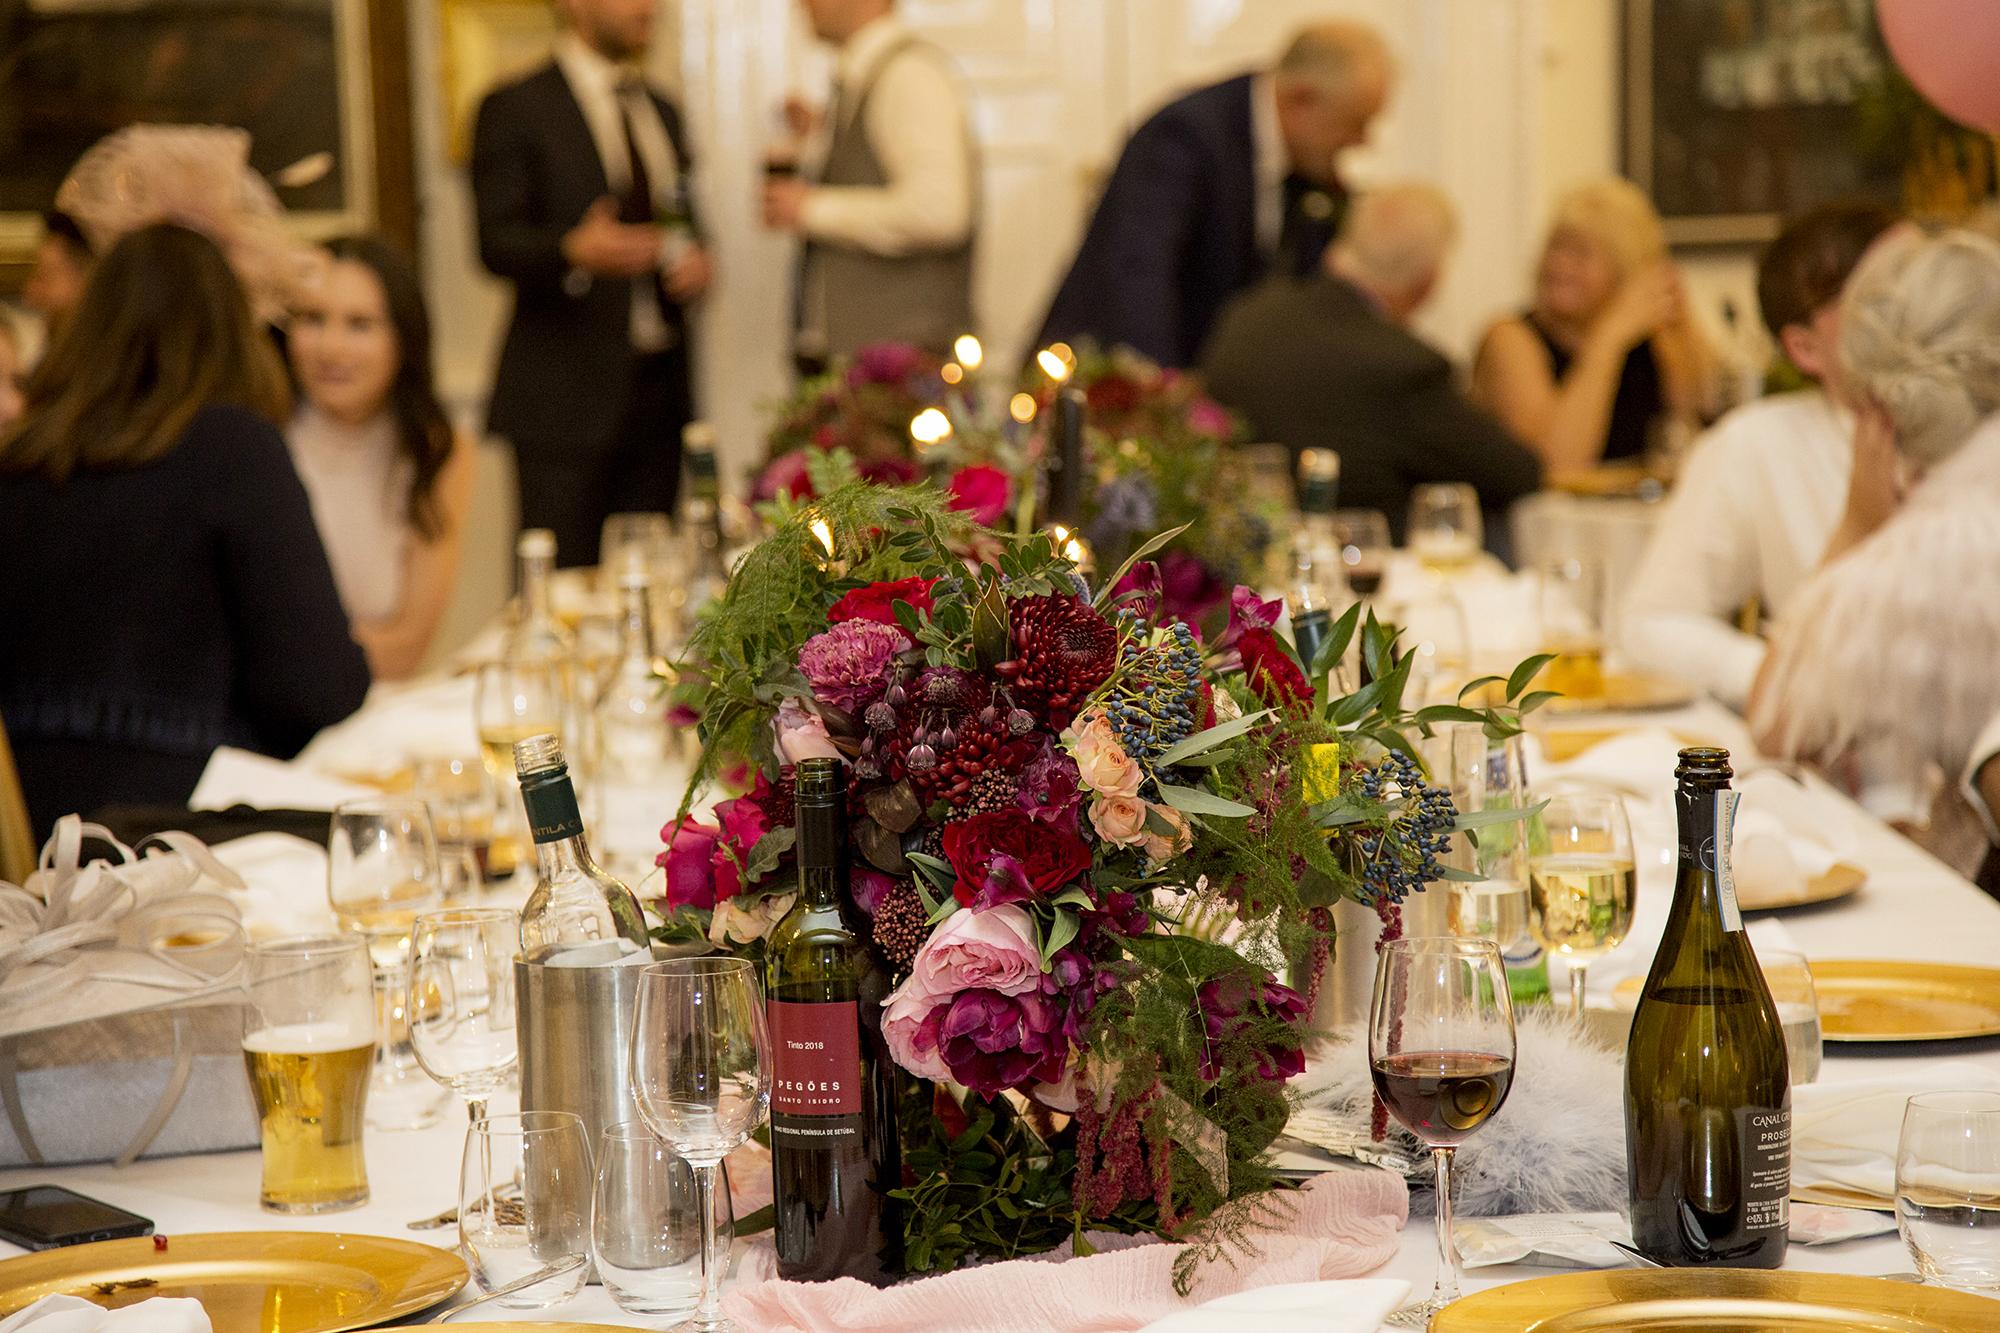 Trafalgar-Tavern-Greenwich-Wedding-Charlott-King-Photography (219)